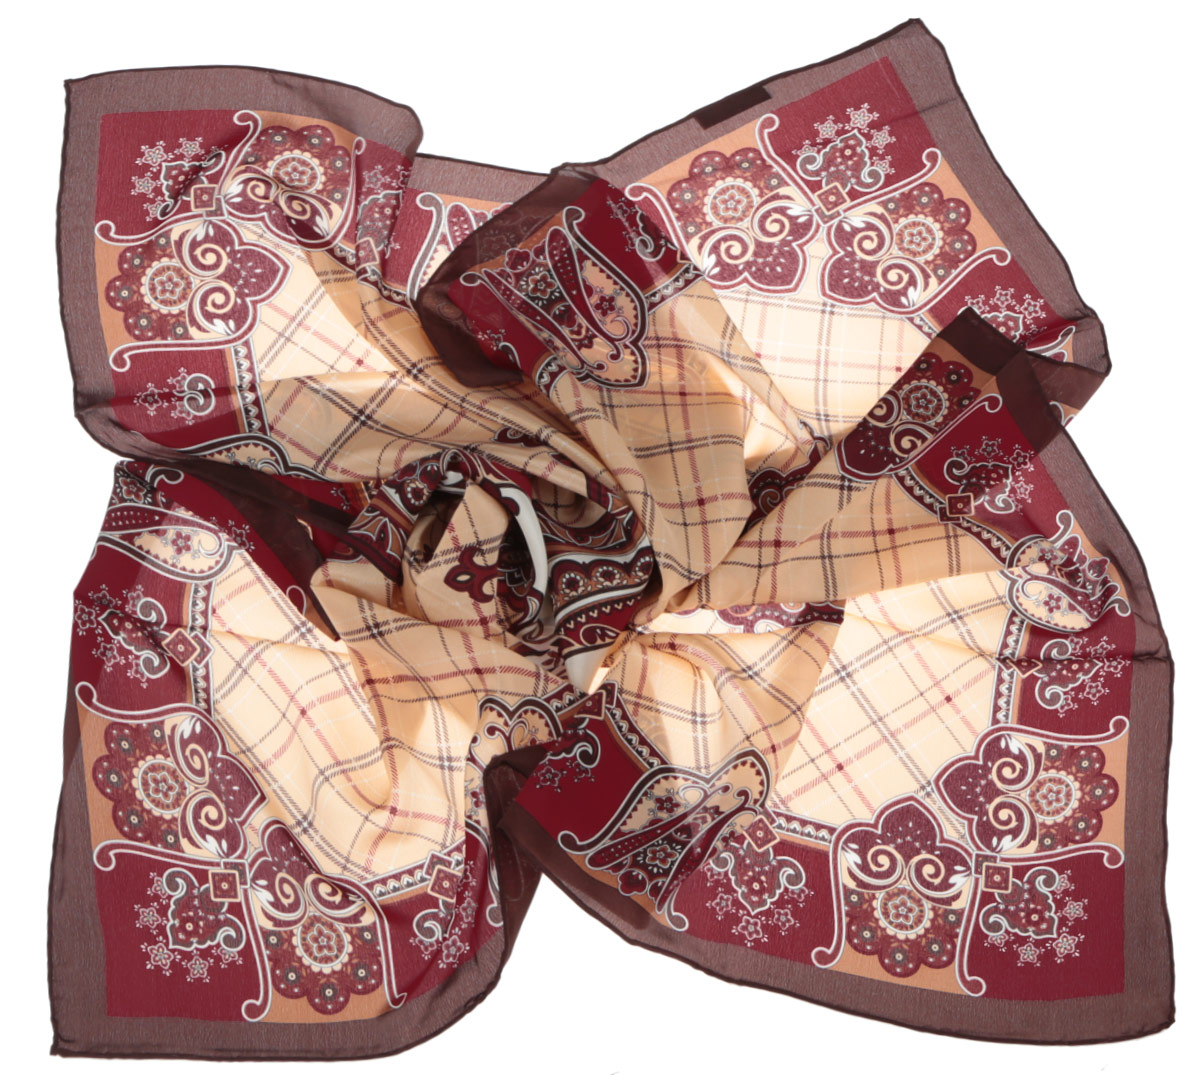 Платок женский Leo Ventoni, цвет: бордовый, бежевый. CX1516-50-8. Размер 90 см х 90 смCX1516-50-8Стильный женский платок Leo Ventoni станет великолепным завершением любого наряда. Платок изготовлен из высококачественного шелка и оформлен принтом в клетку, дополненным оригинальным орнаментом. Классическая квадратная форма позволяет носить платок на шее, украшать им прическу или декорировать сумочку. Мягкий и шелковистый платок поможет вам создать изысканный женственный образ, а также согреет в непогоду. Такой платок превосходно дополнит любой наряд и подчеркнет ваш неповторимый вкус и элегантность.